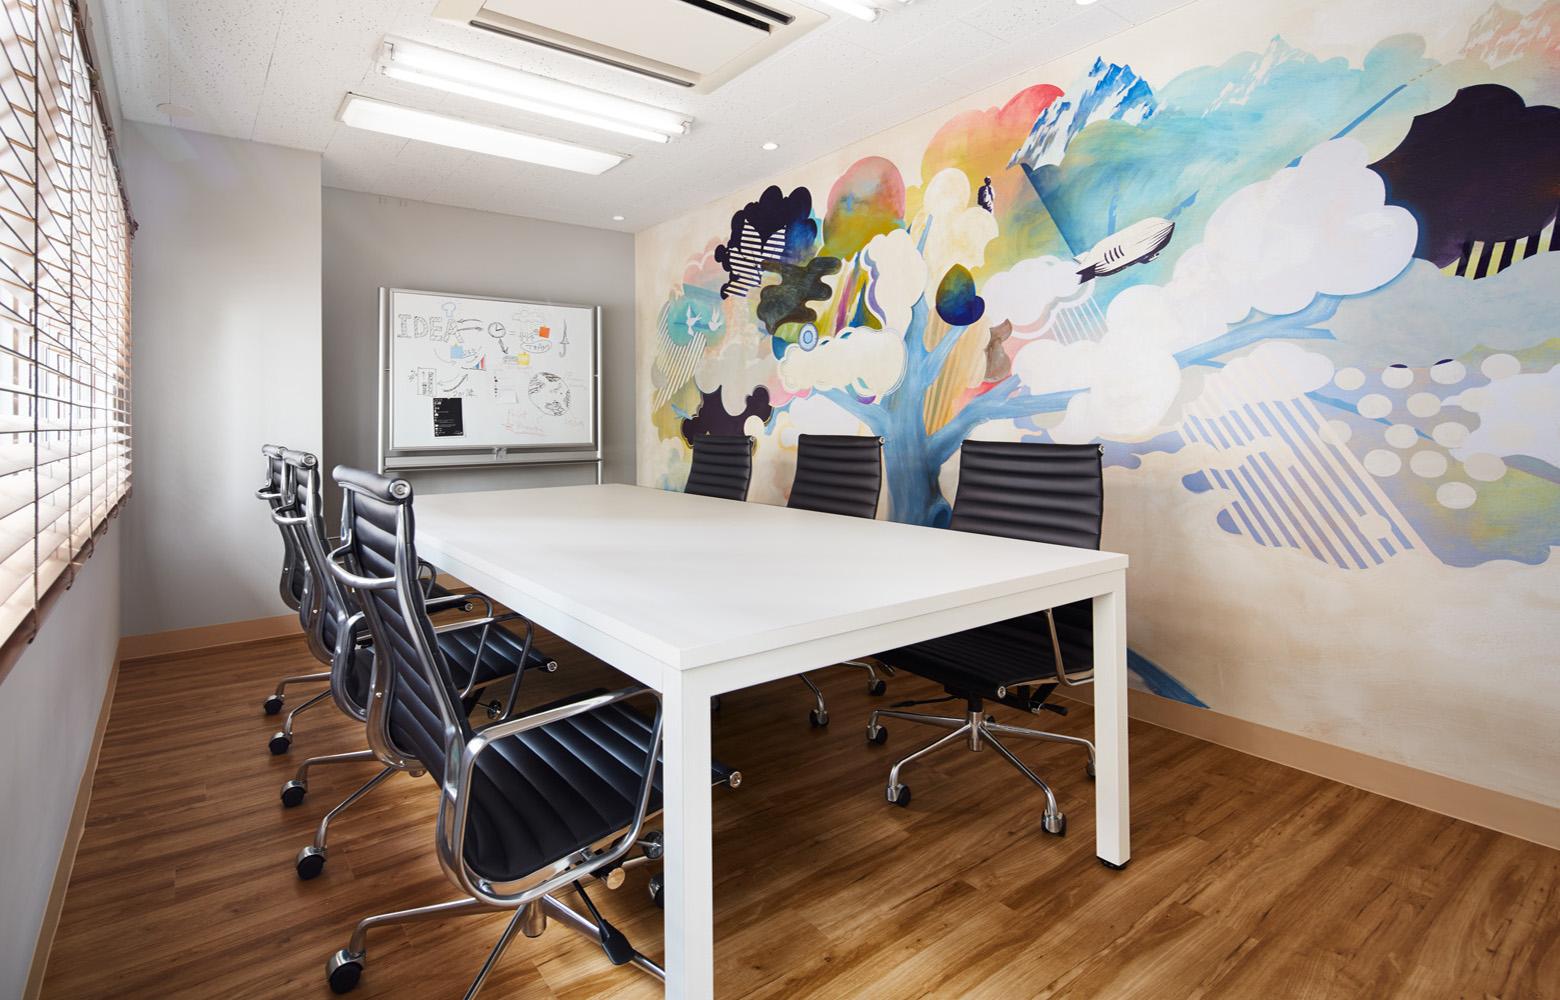 株式会社エクスプレス・エージェント Meeting Room デザイン・レイアウト事例